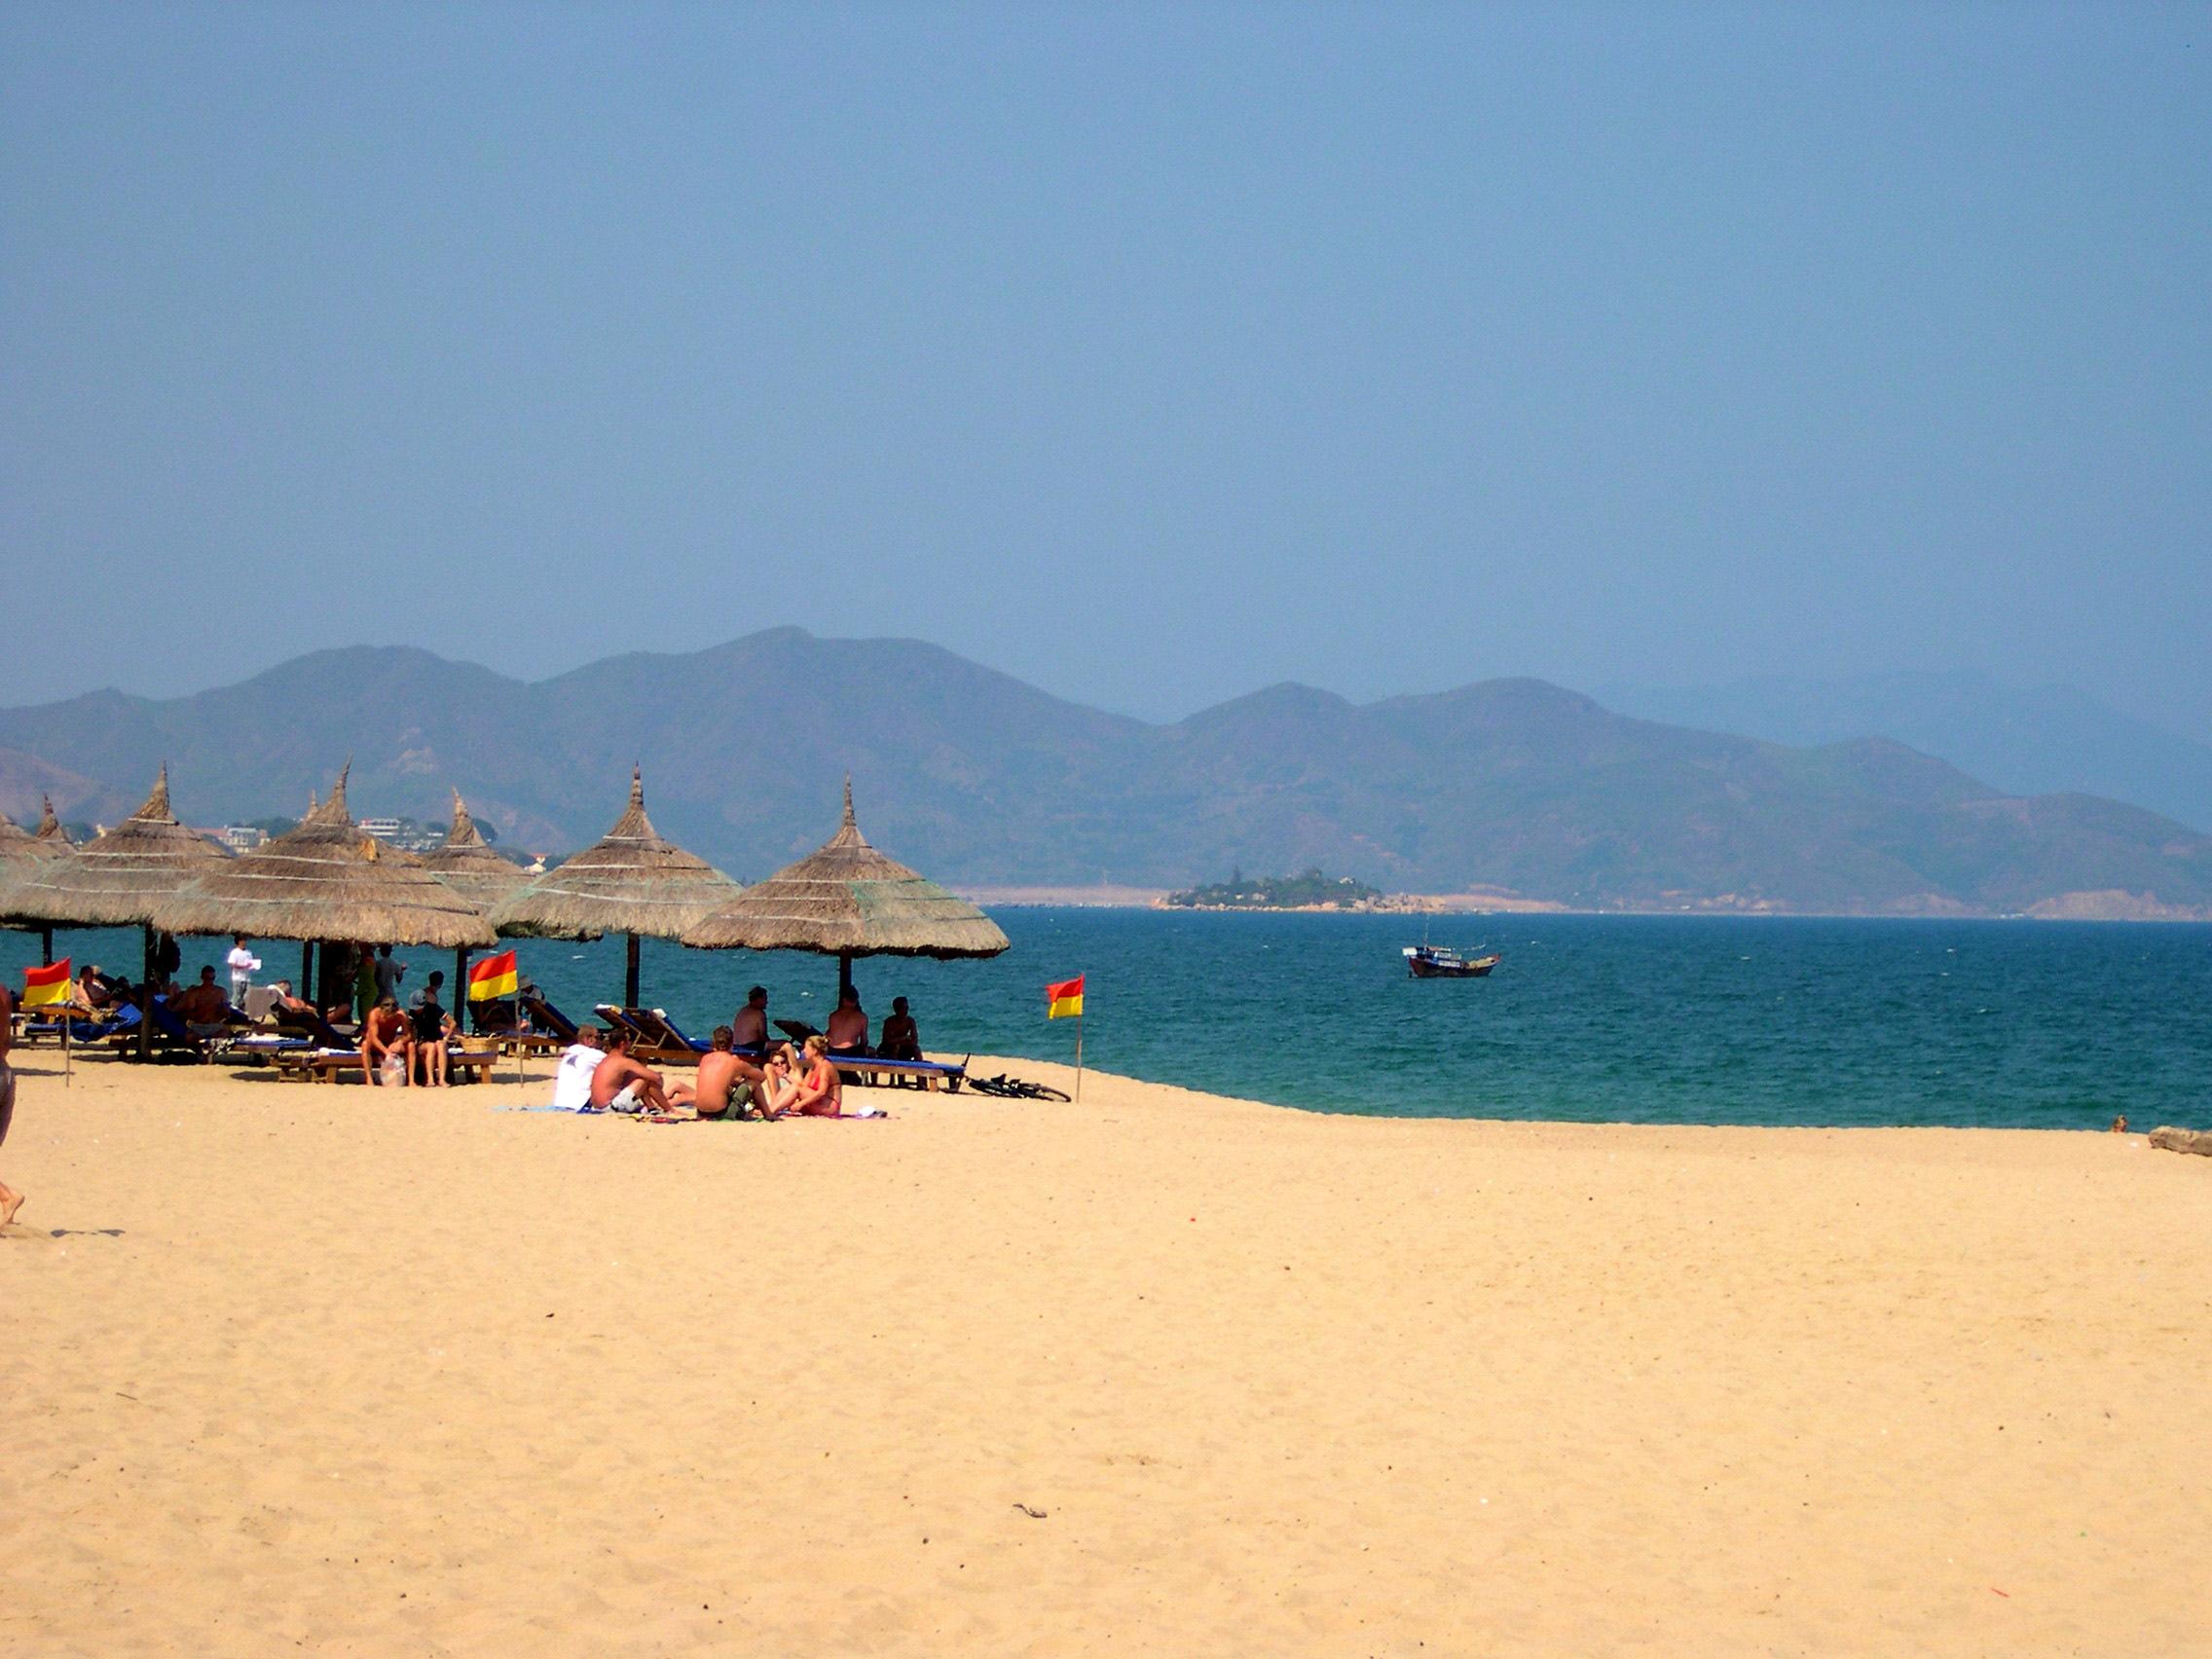 Nha Trang Beach-Amazing Beache in Vietnam